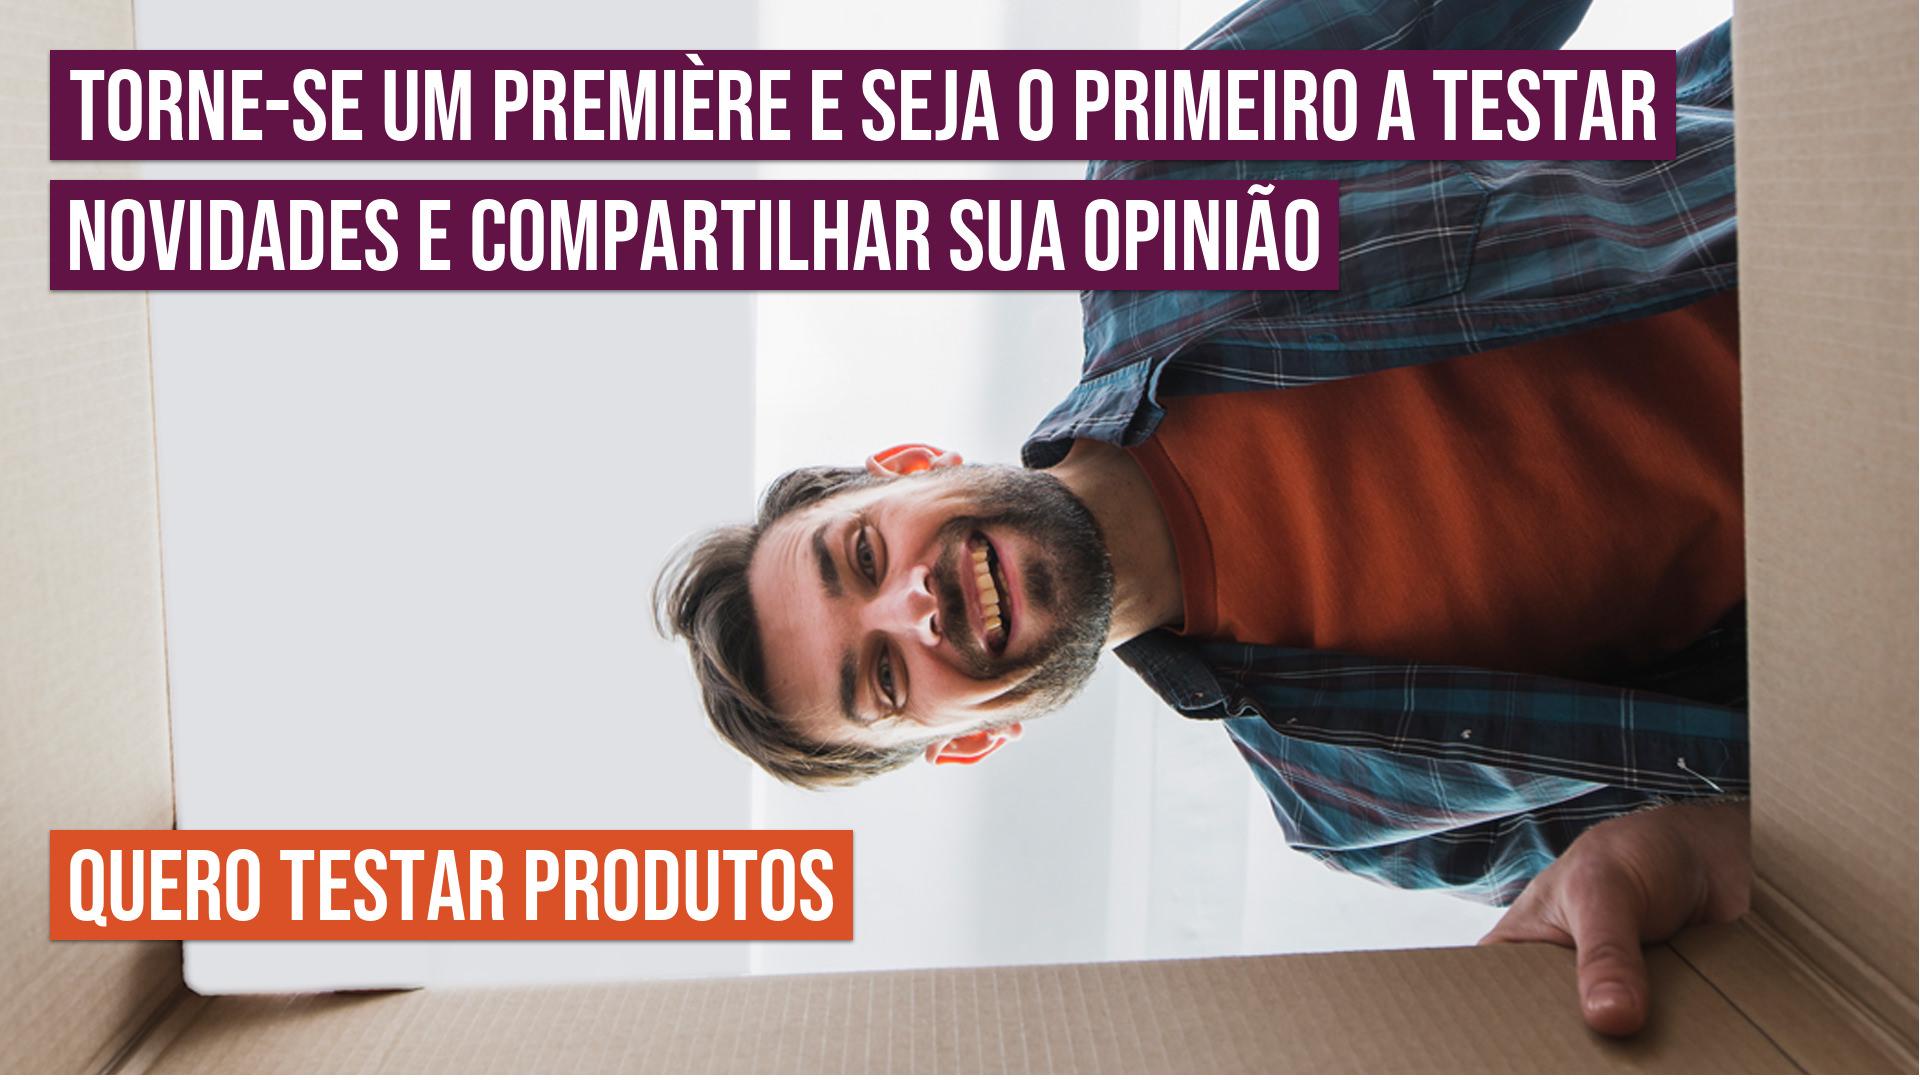 Torne-se um Première e seja o primeiro a testar novidades e compartilhar sua opinião! Quero testar produtos!